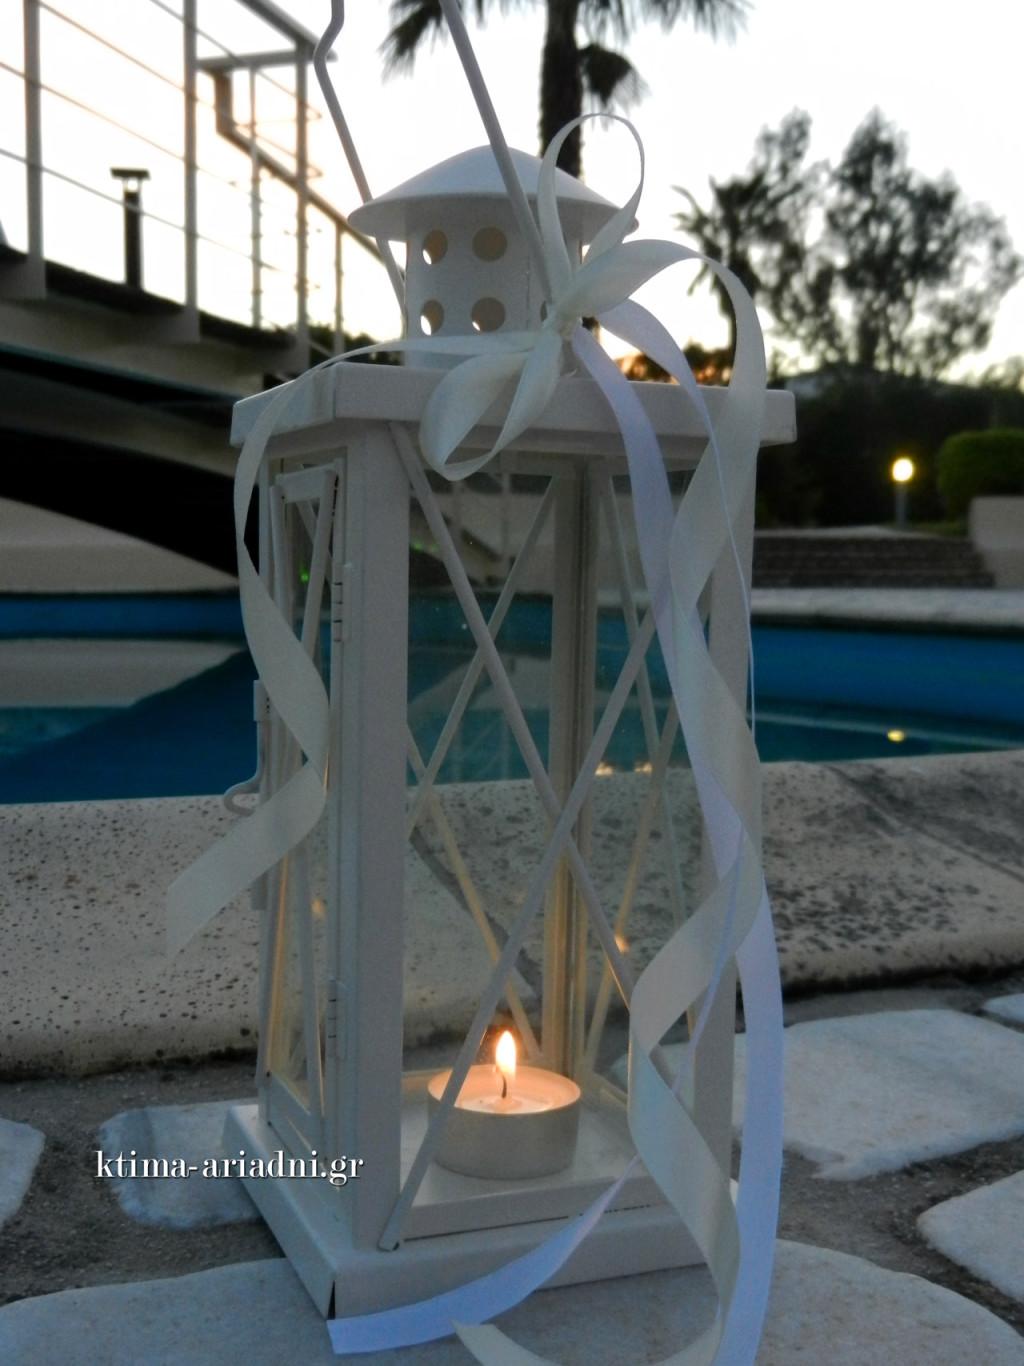 Λευκά φανάρια με λευκές κορδέλες διακοσμούσαν περιμετρικά την πισίνα και τόνιζαν το καμπυλόγραμμο σχήμα της